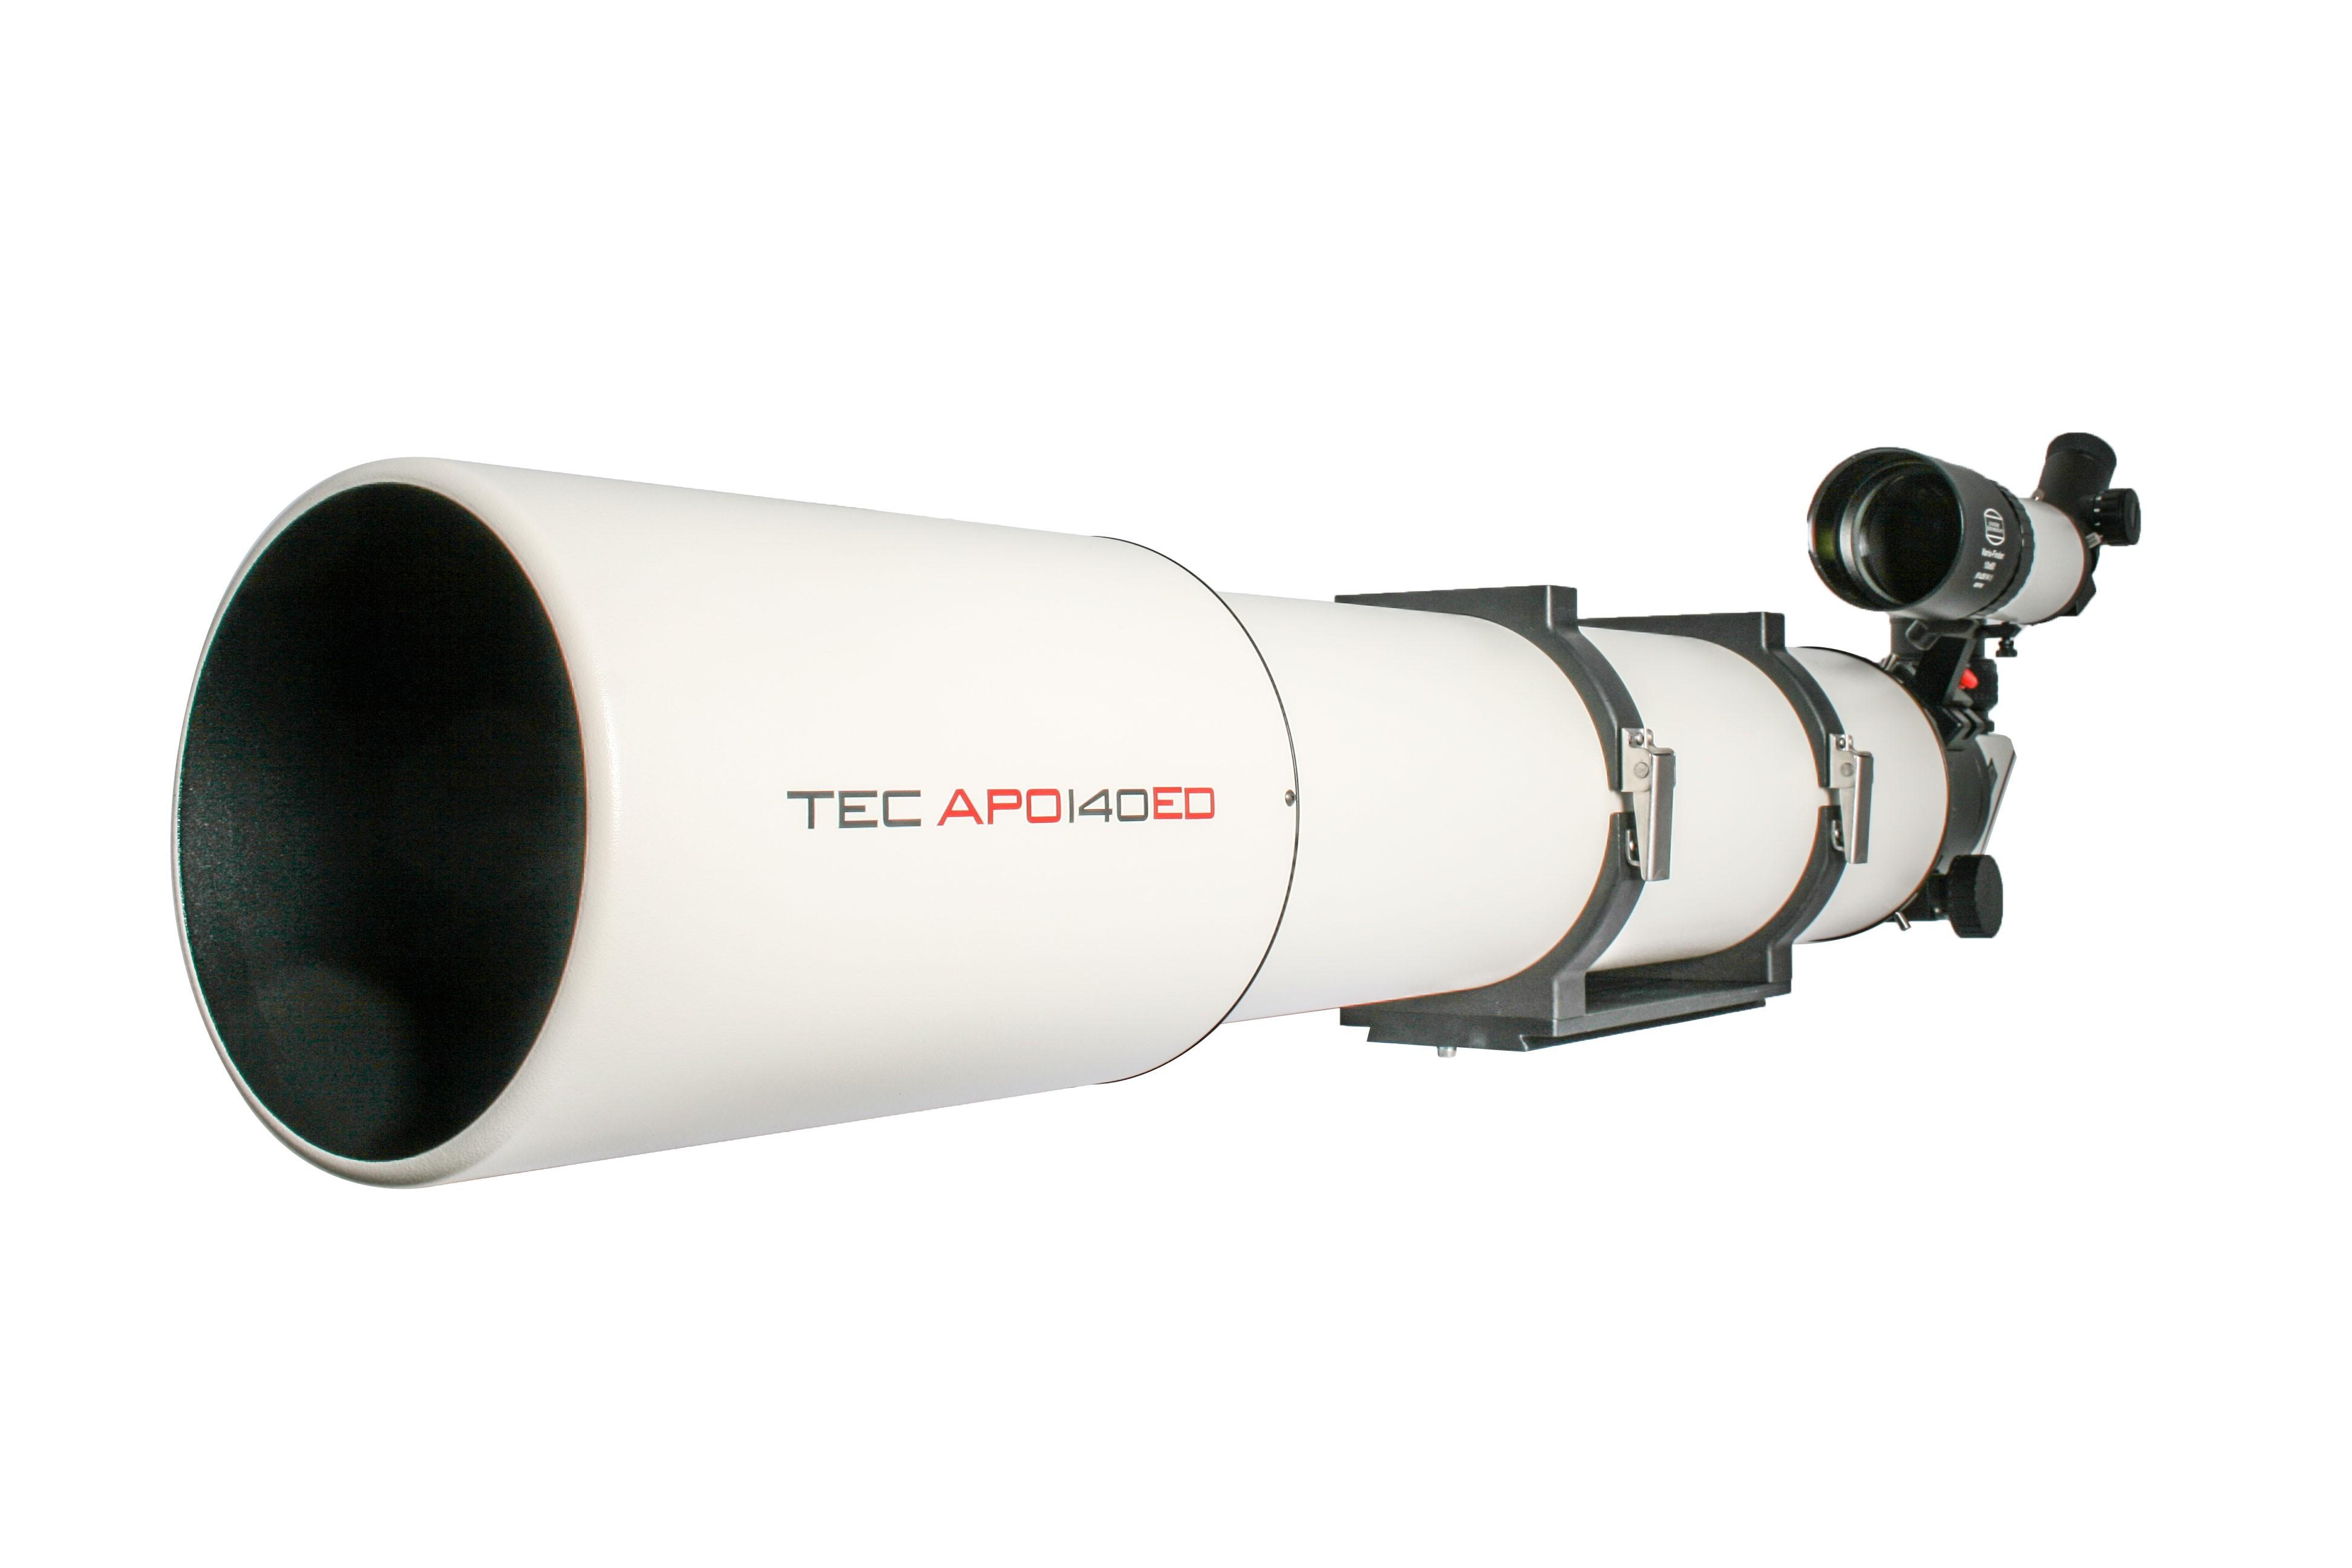 Sonderangebot: TEC 140 Triplet APO mit umfangreichem Zubehör